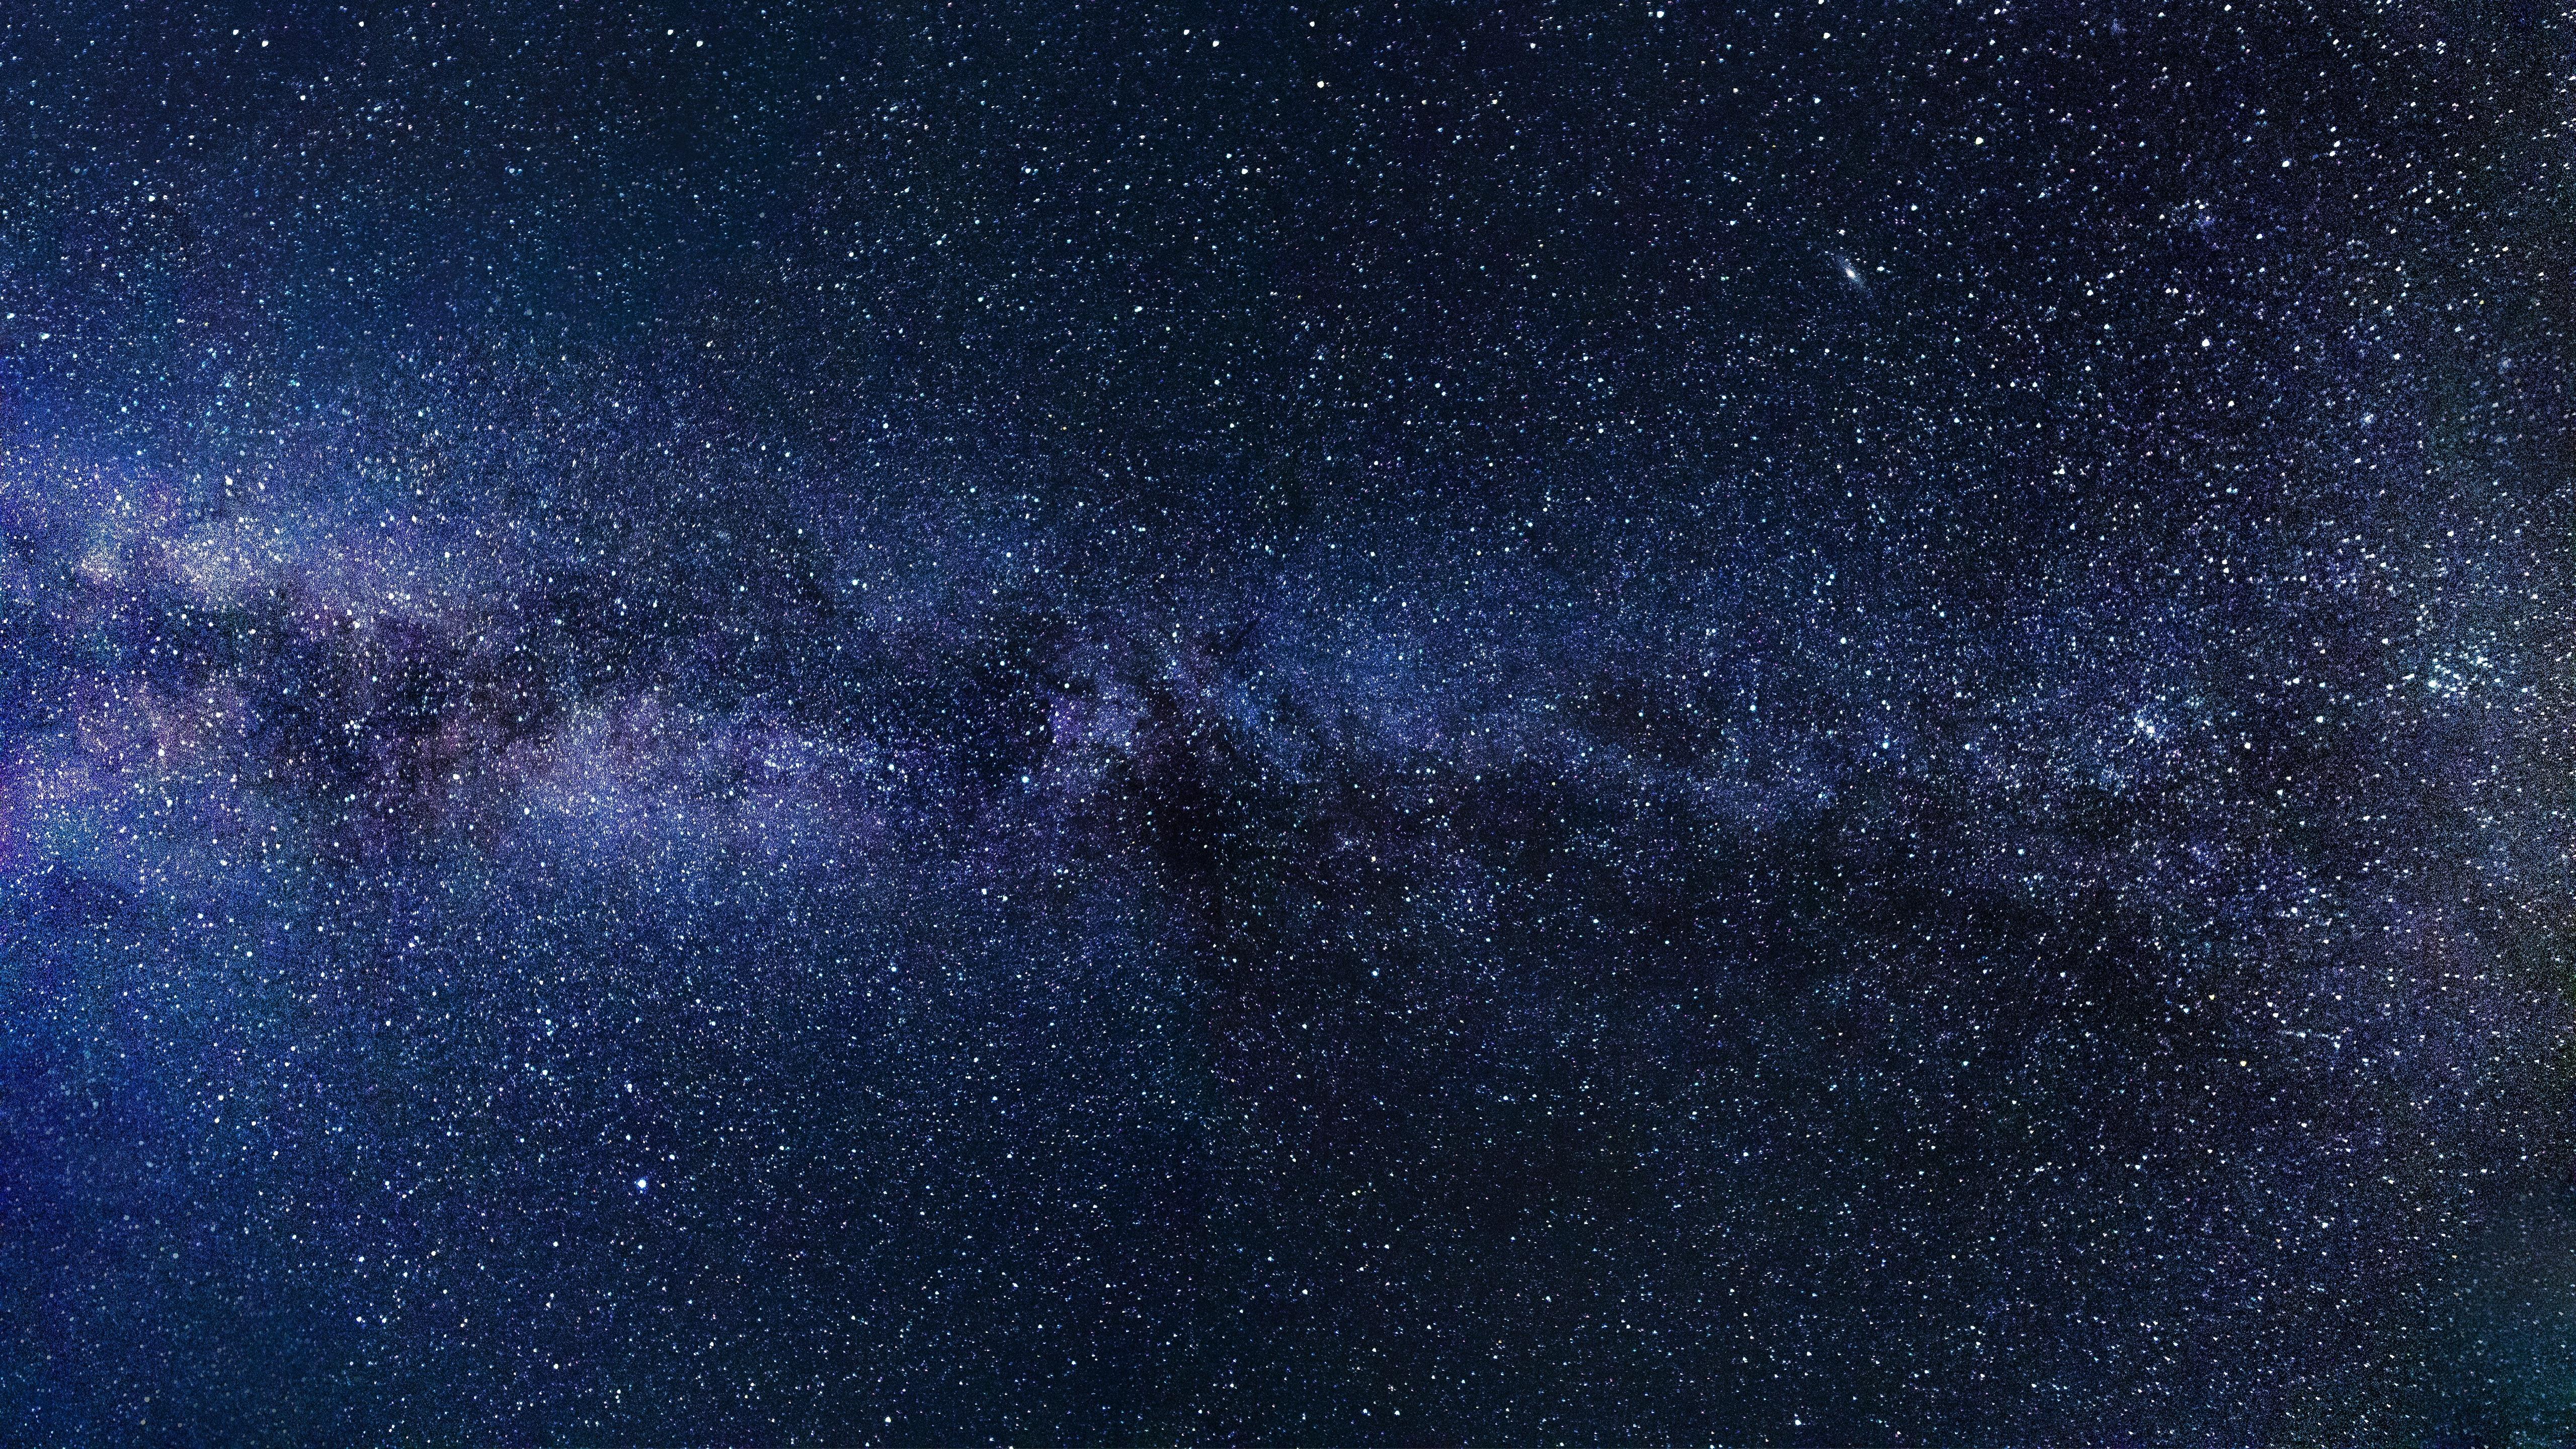 картинки с эффектом космос идеале она должна